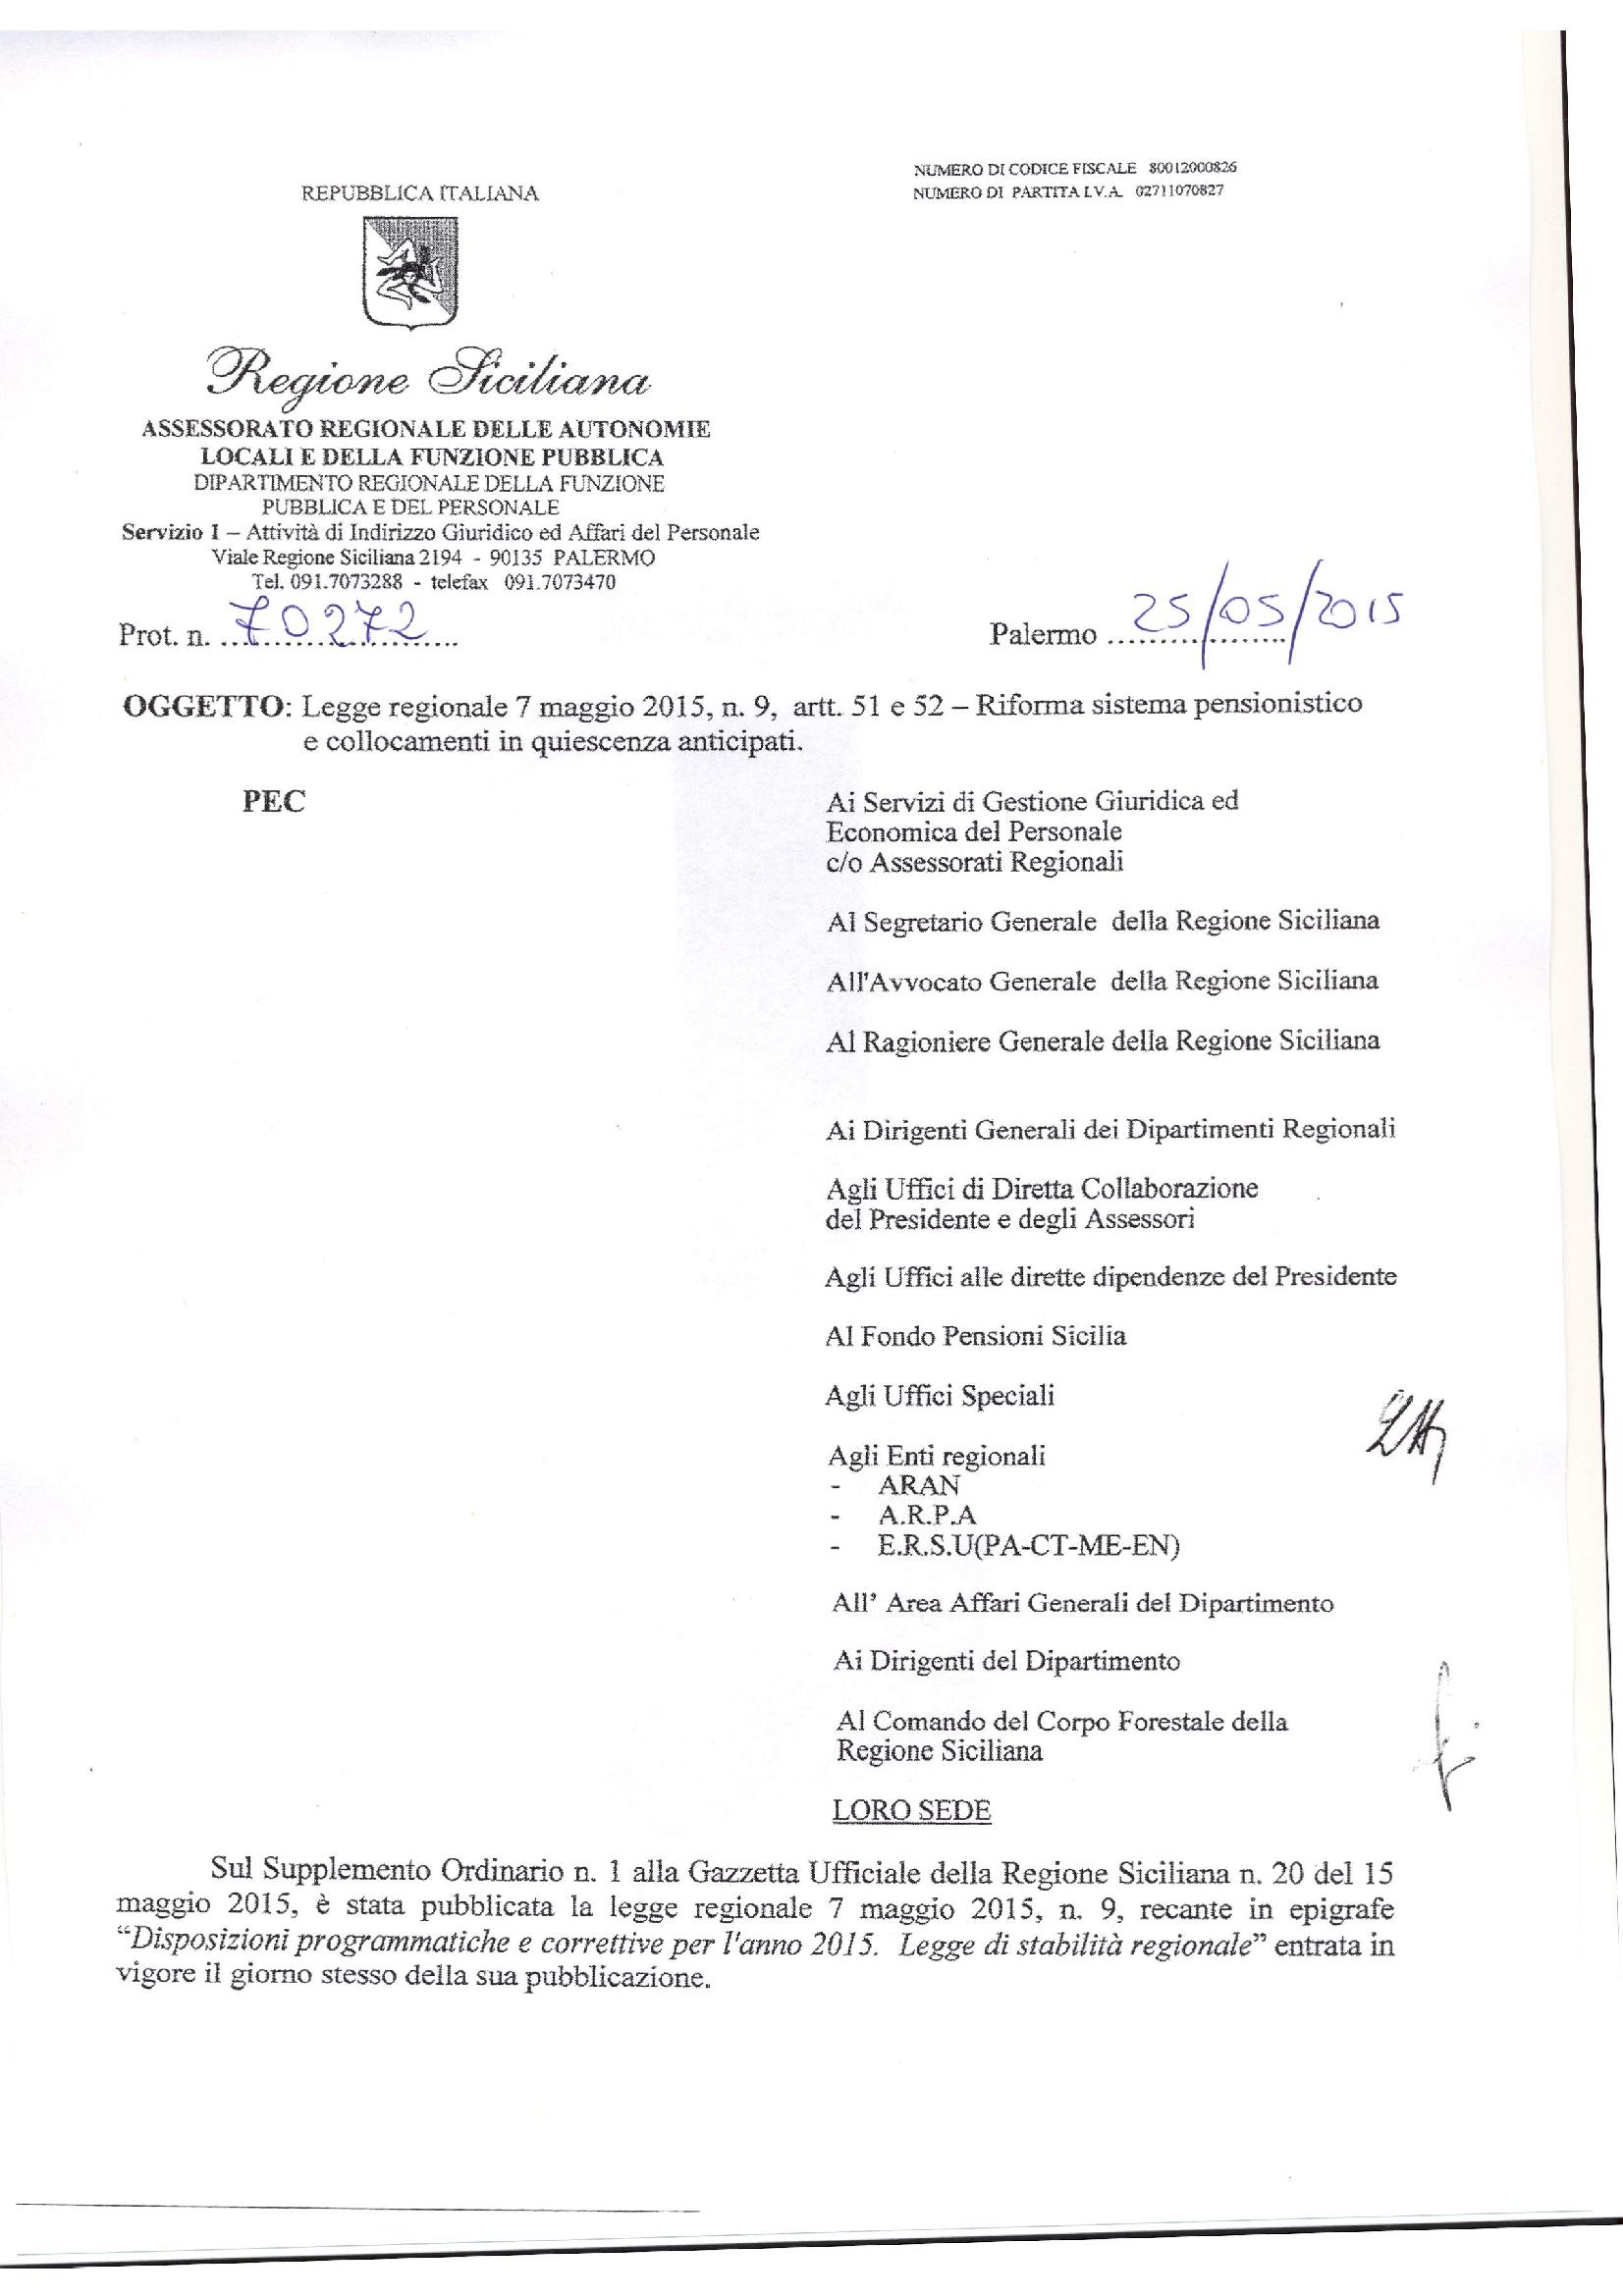 Riforma-sistema-pensionistico-Circolare 70272 del 25 maggio 2015